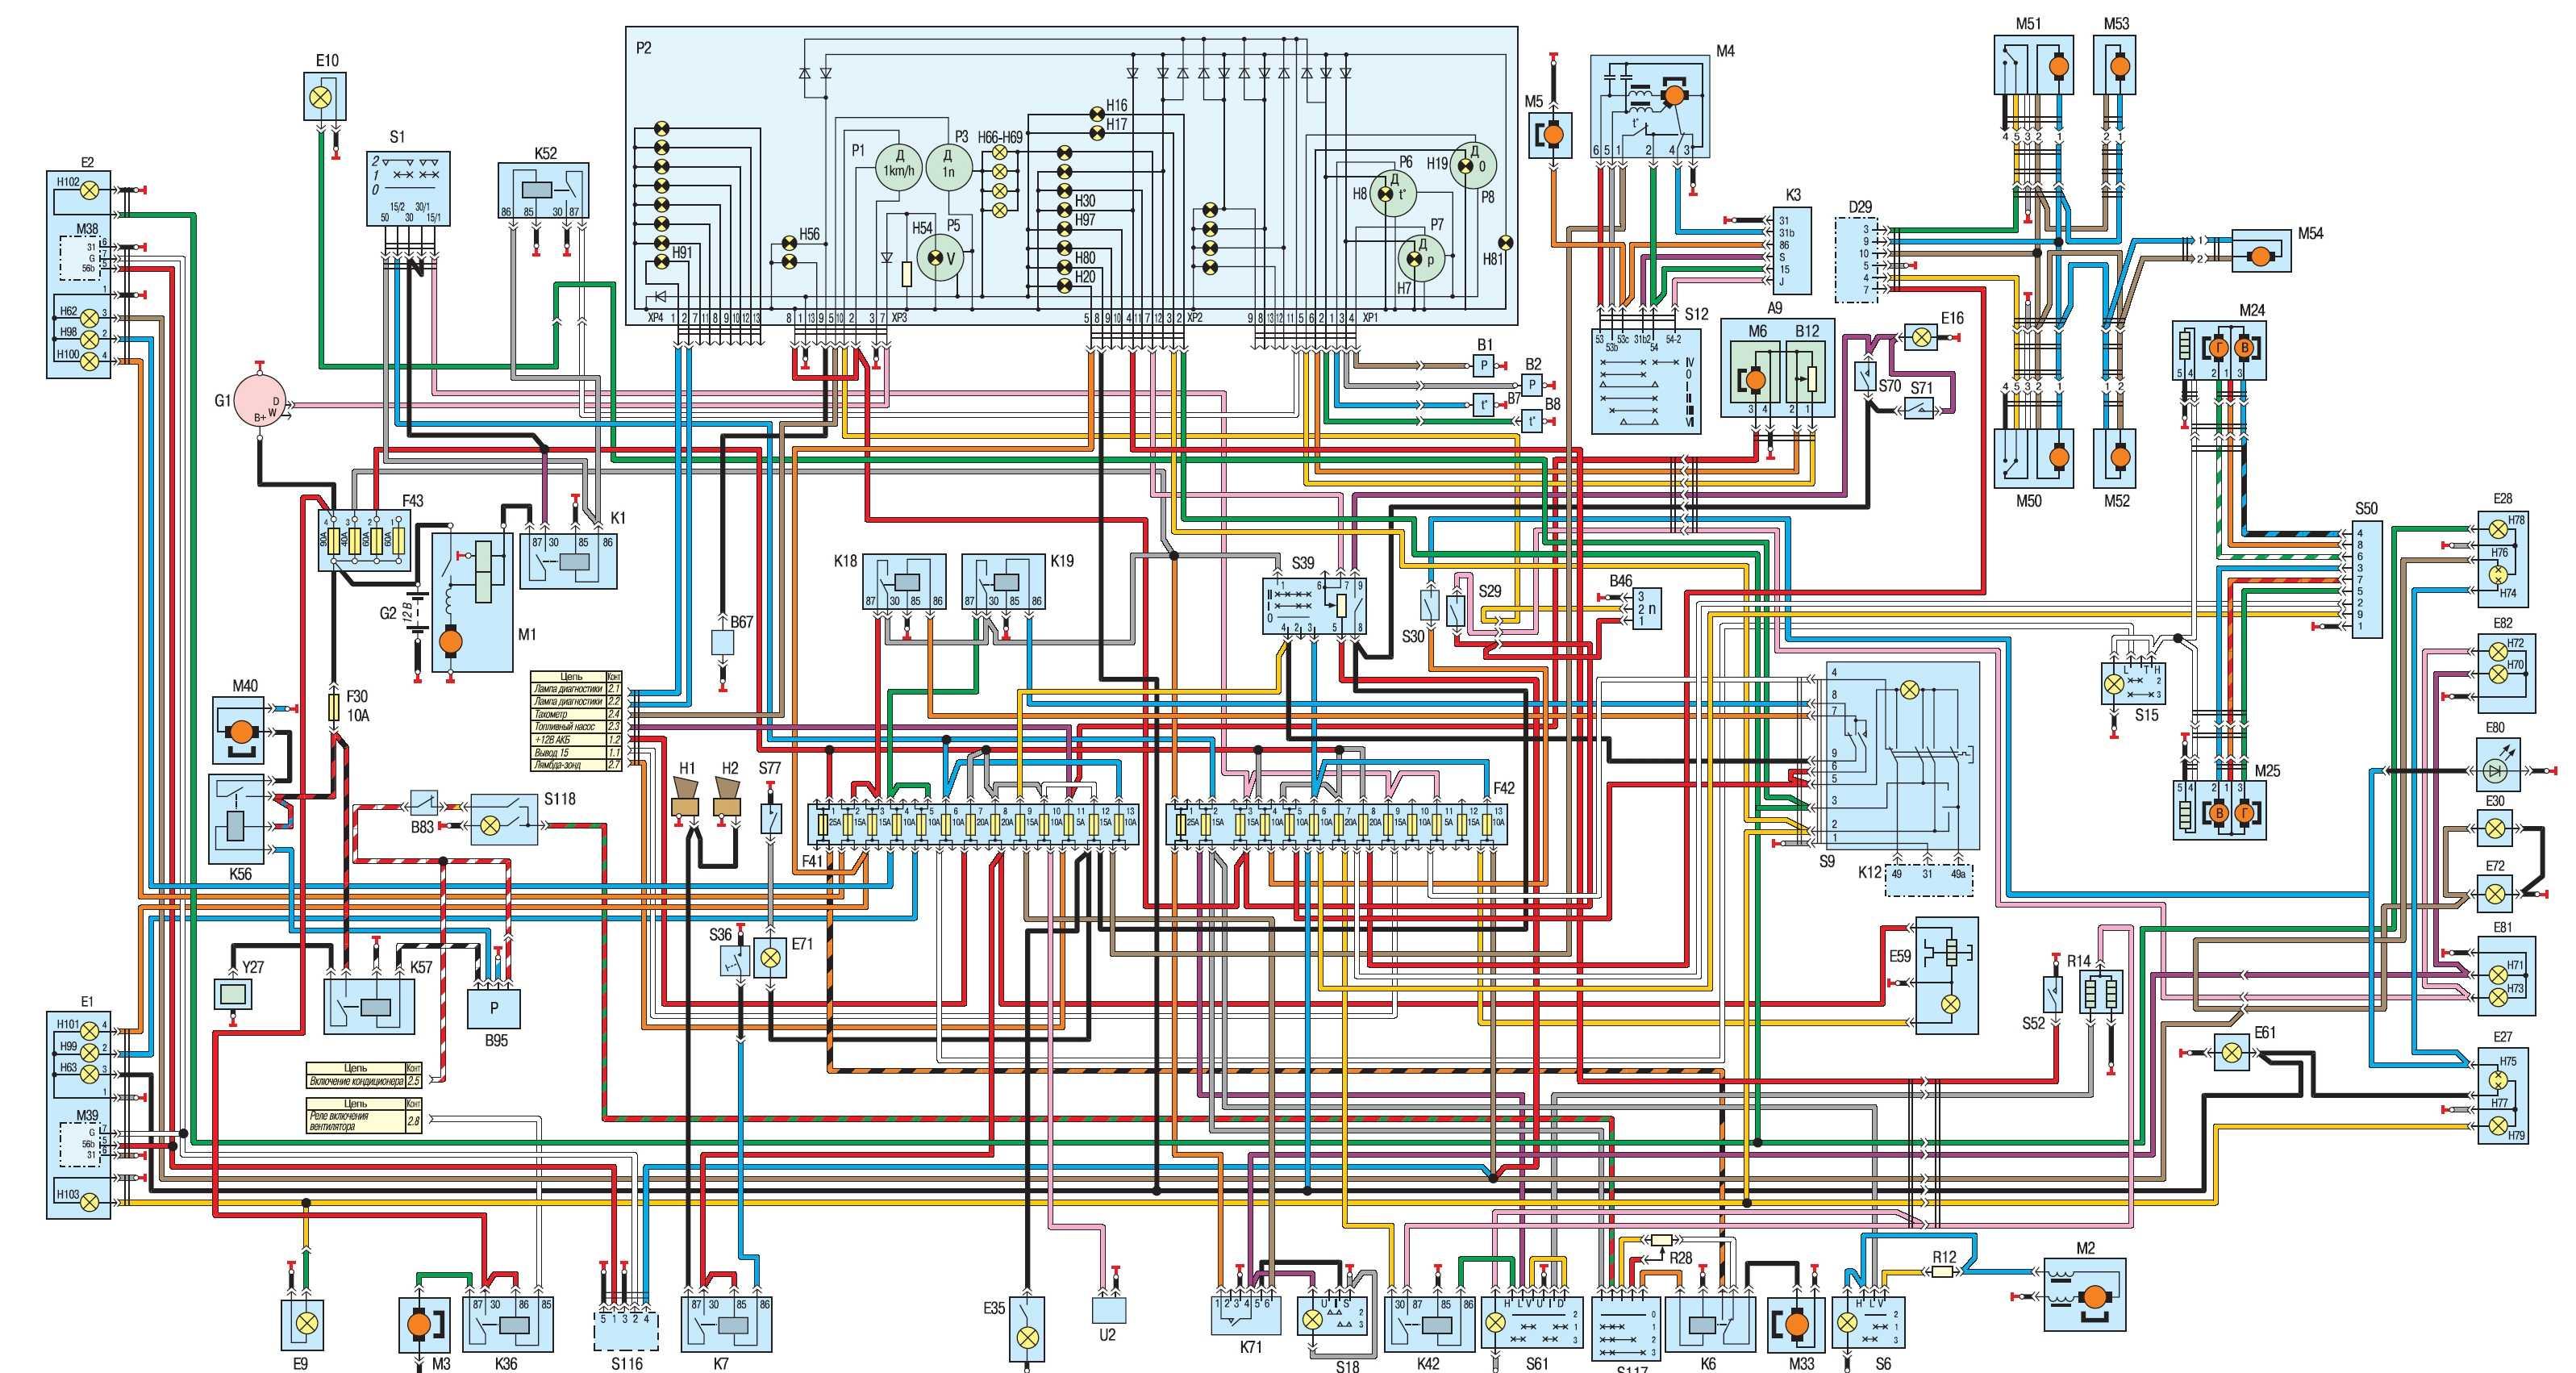 Схема подключения вентилятора е34 659